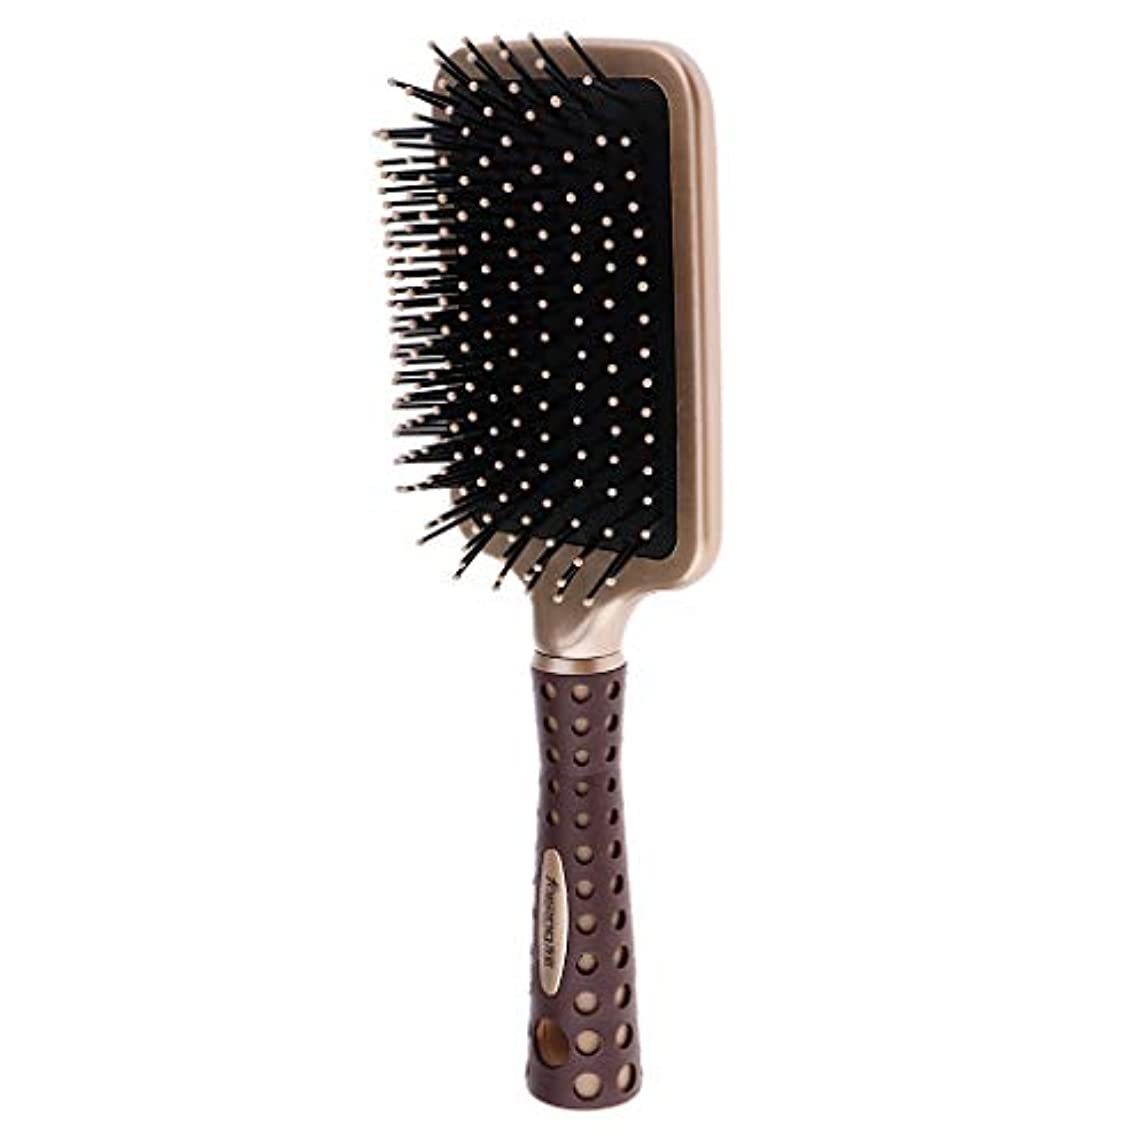 作業販売員有能なP Prettyia 静電防止櫛 クッションヘアブラシ 頭皮マッサージ コーム 2サイズ選べ - L